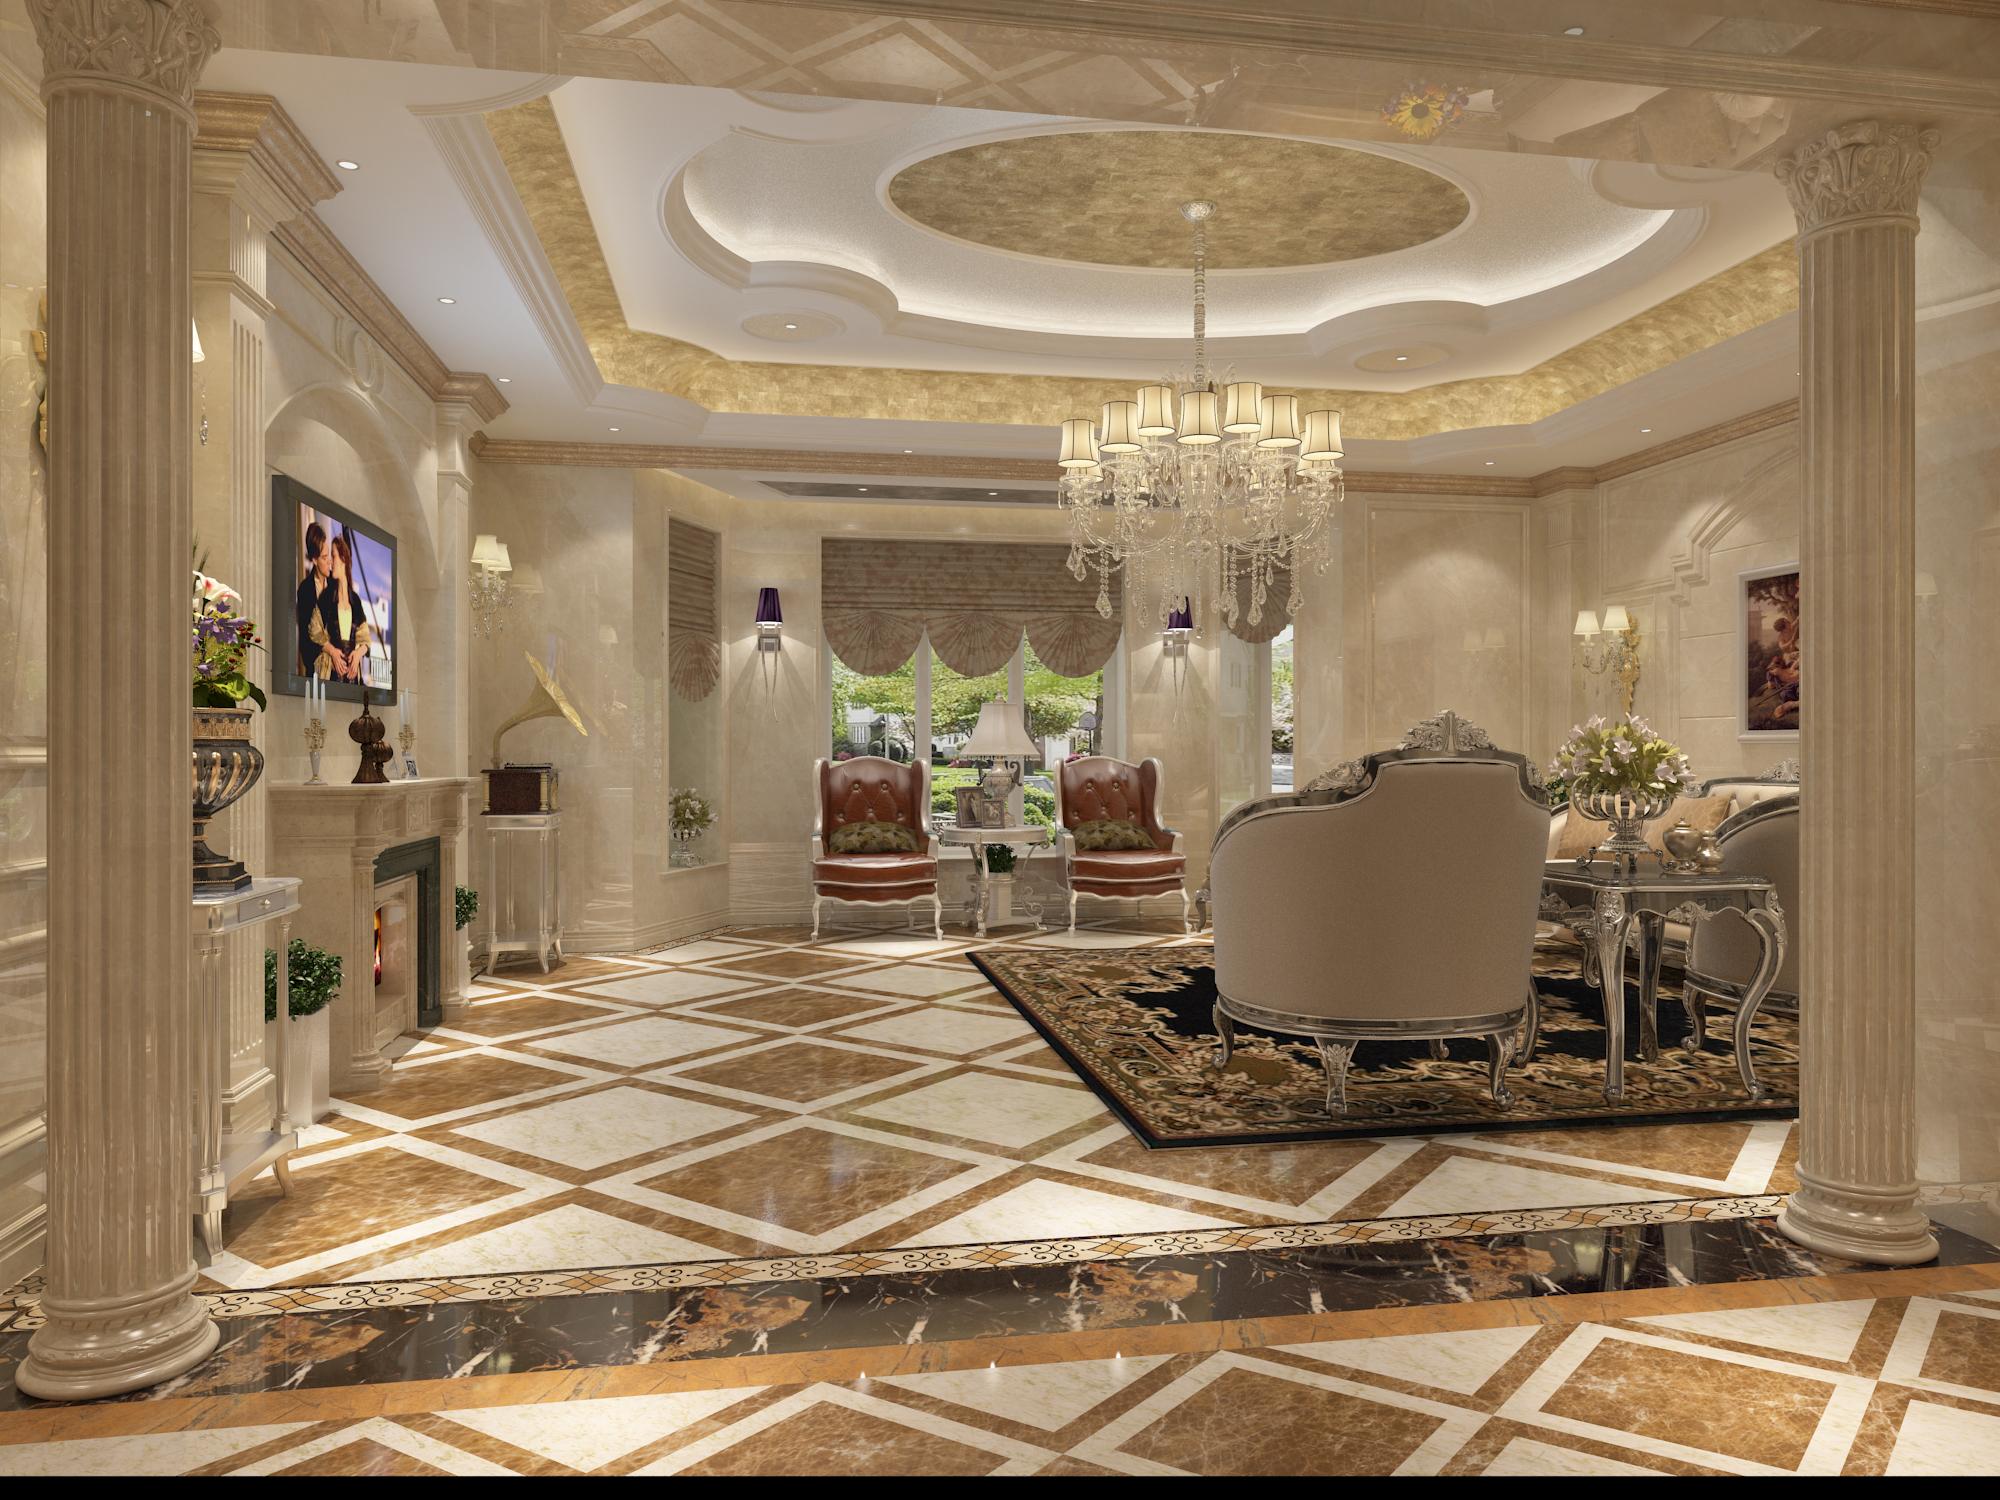 简约 欧式 混搭 别墅 小资 客厅图片来自林上淮·圣奇凯尚装饰在传世康婷·800㎡独栋的分享